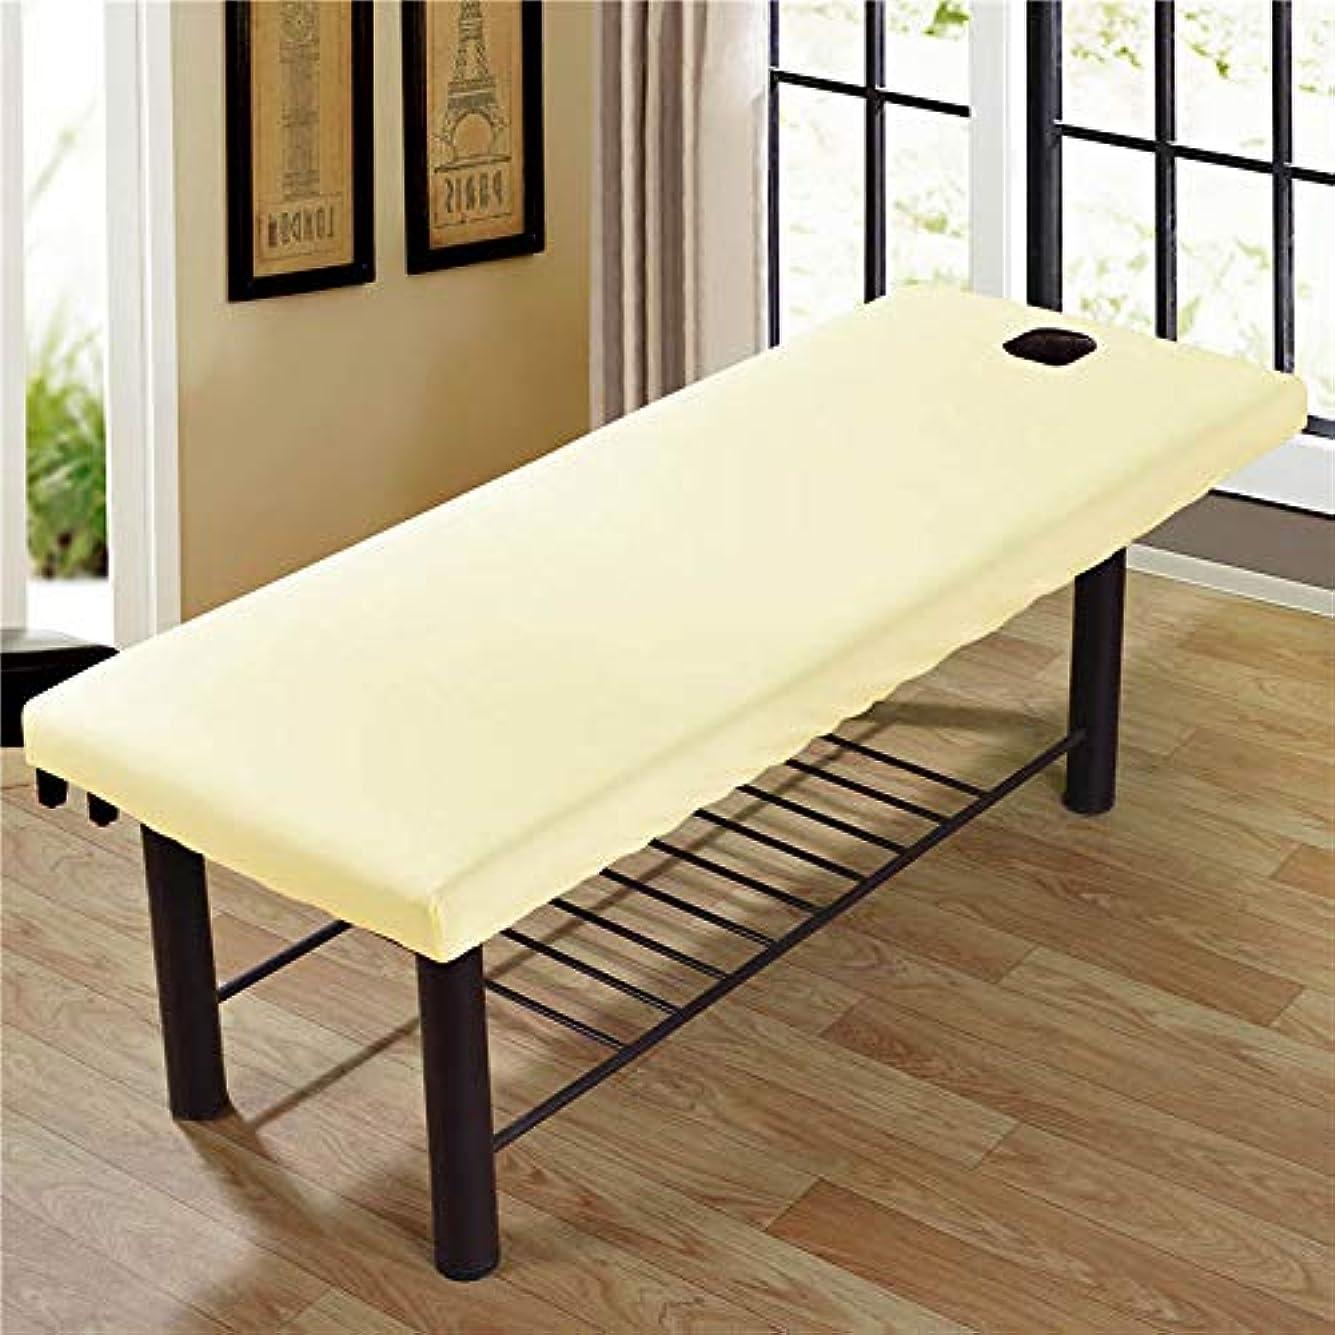 慢性的メイトでもJanusSaja 美容院のマッサージ療法のベッドのための柔らかいSoliod色の長方形のマットレス